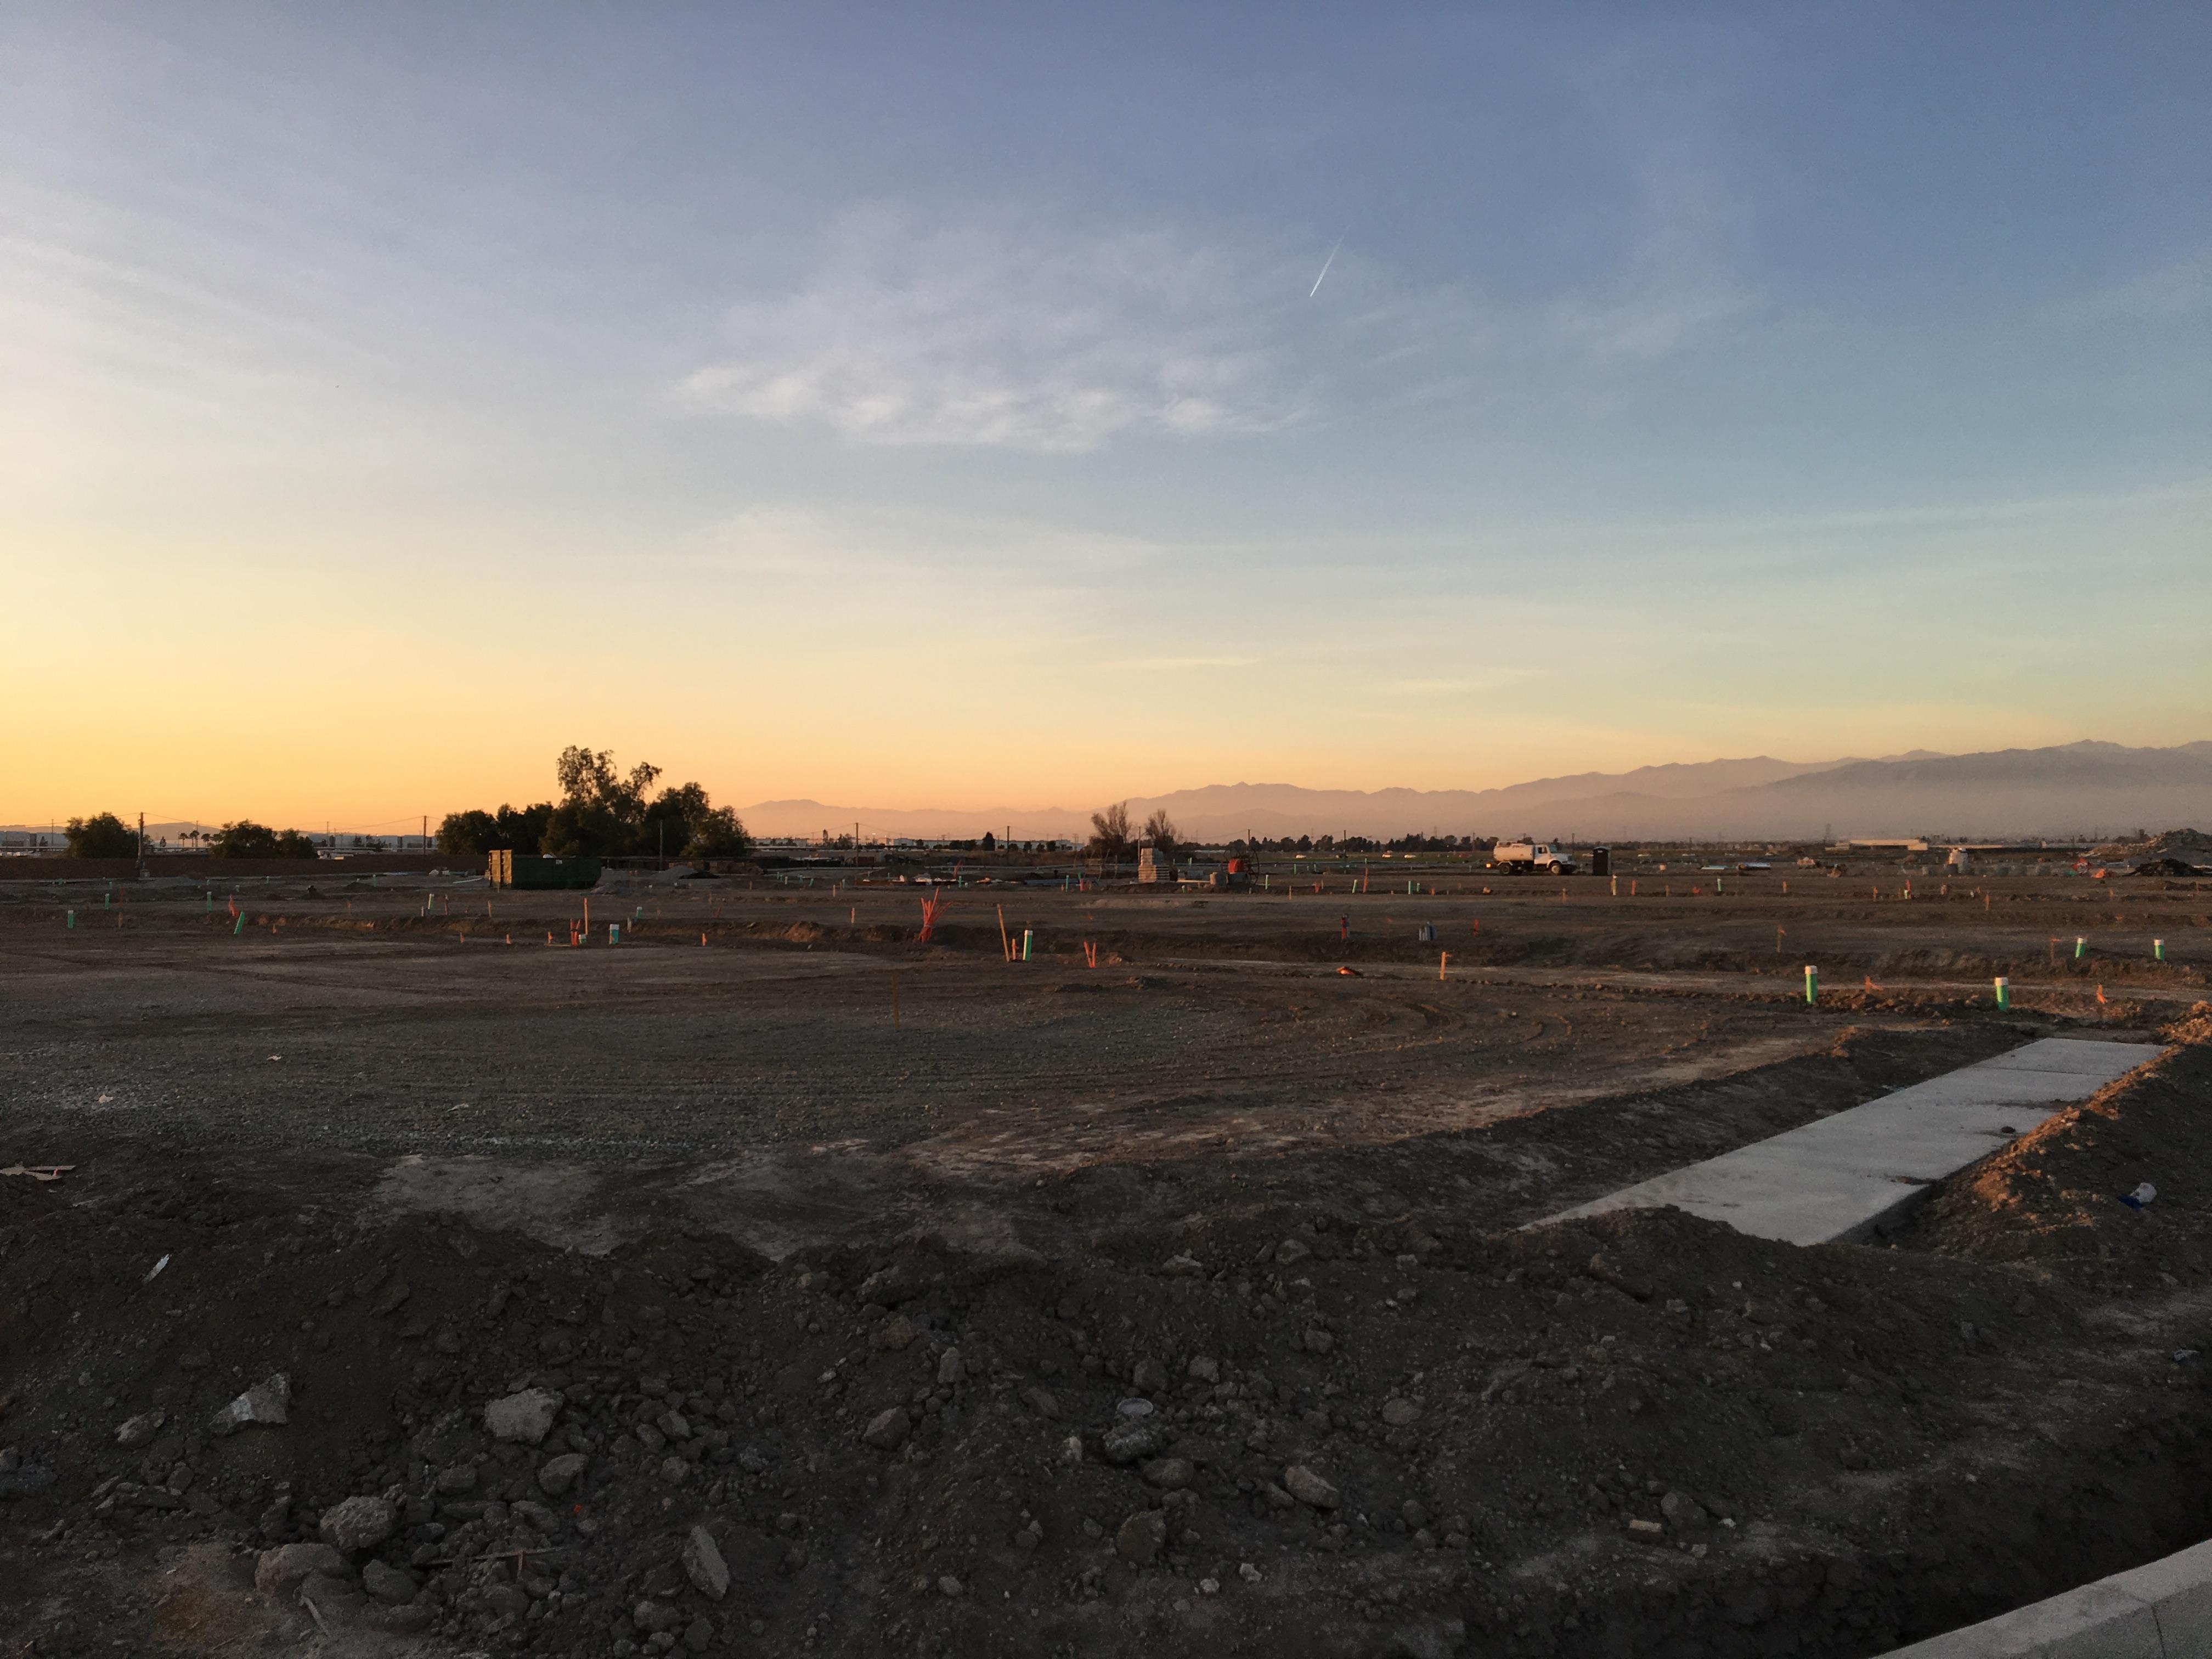 內陸地區開發住房工地隨處可見,且住房平均售價要比聖谷西區少了近半,吸引不少華人在內陸購屋。(記者啟鉻/攝影)